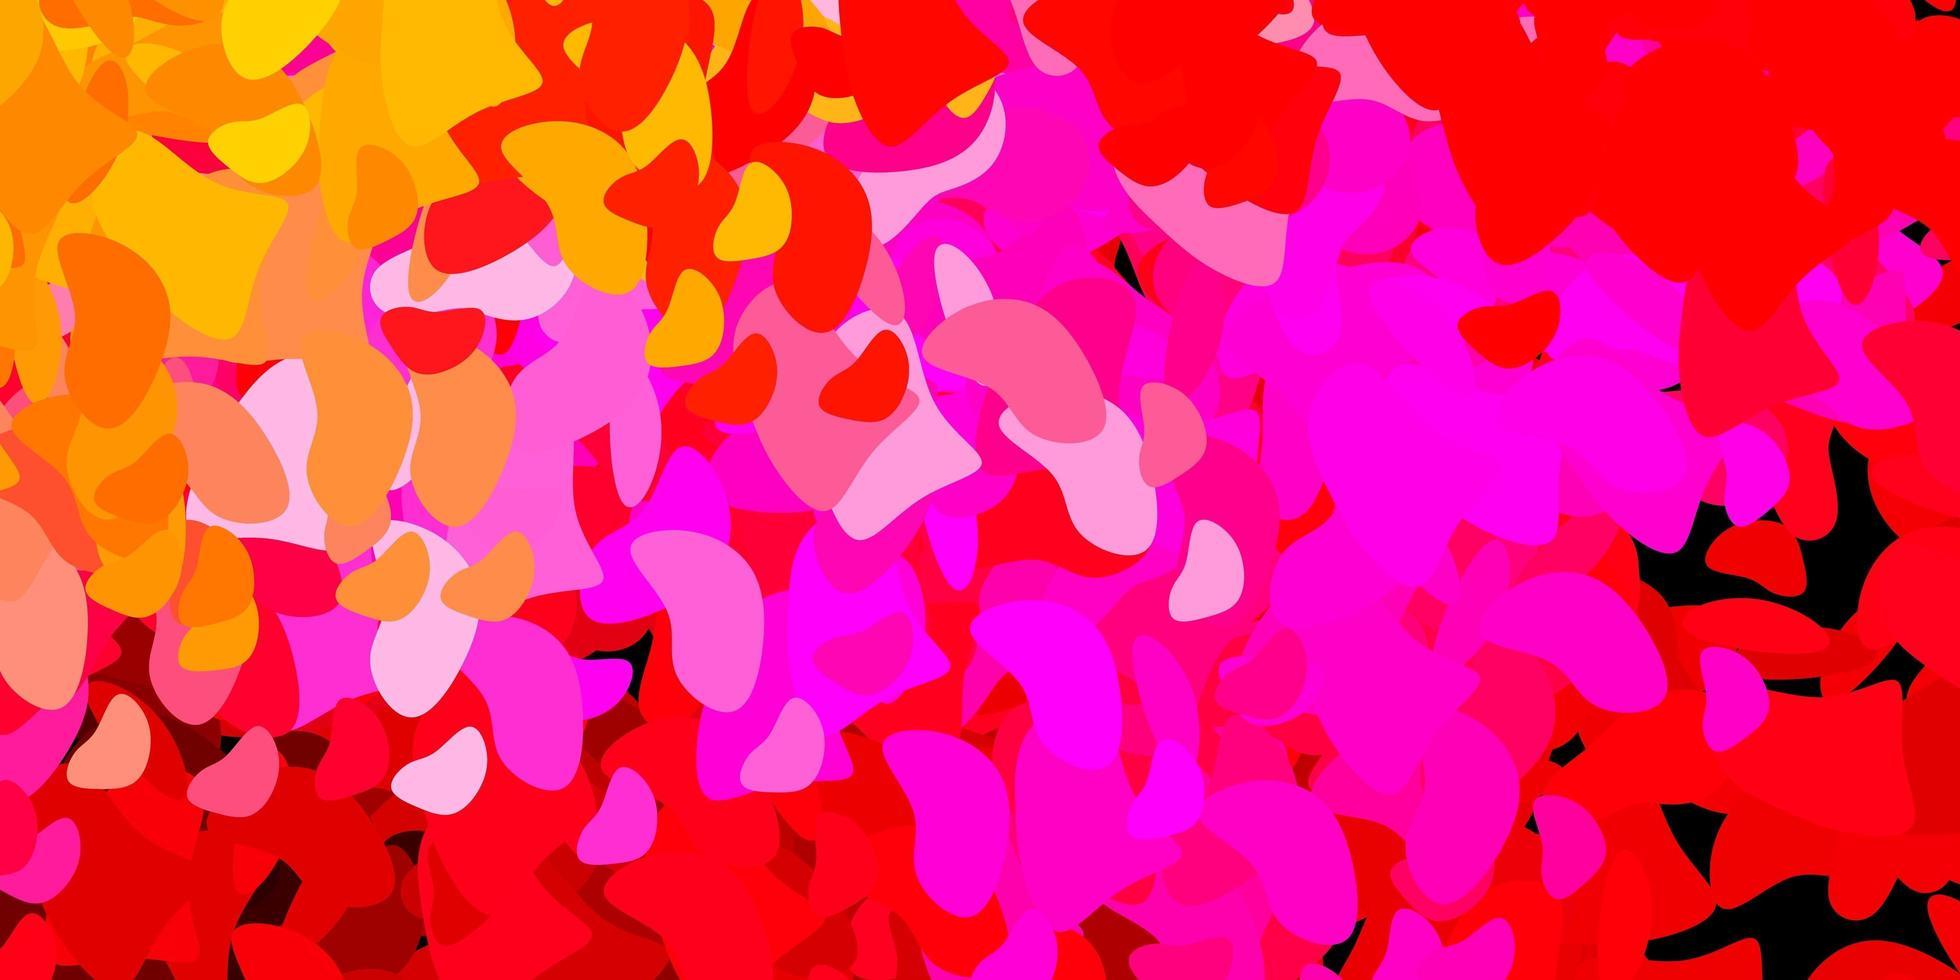 donkerpaarse vectorachtergrond met chaotische vormen. vector